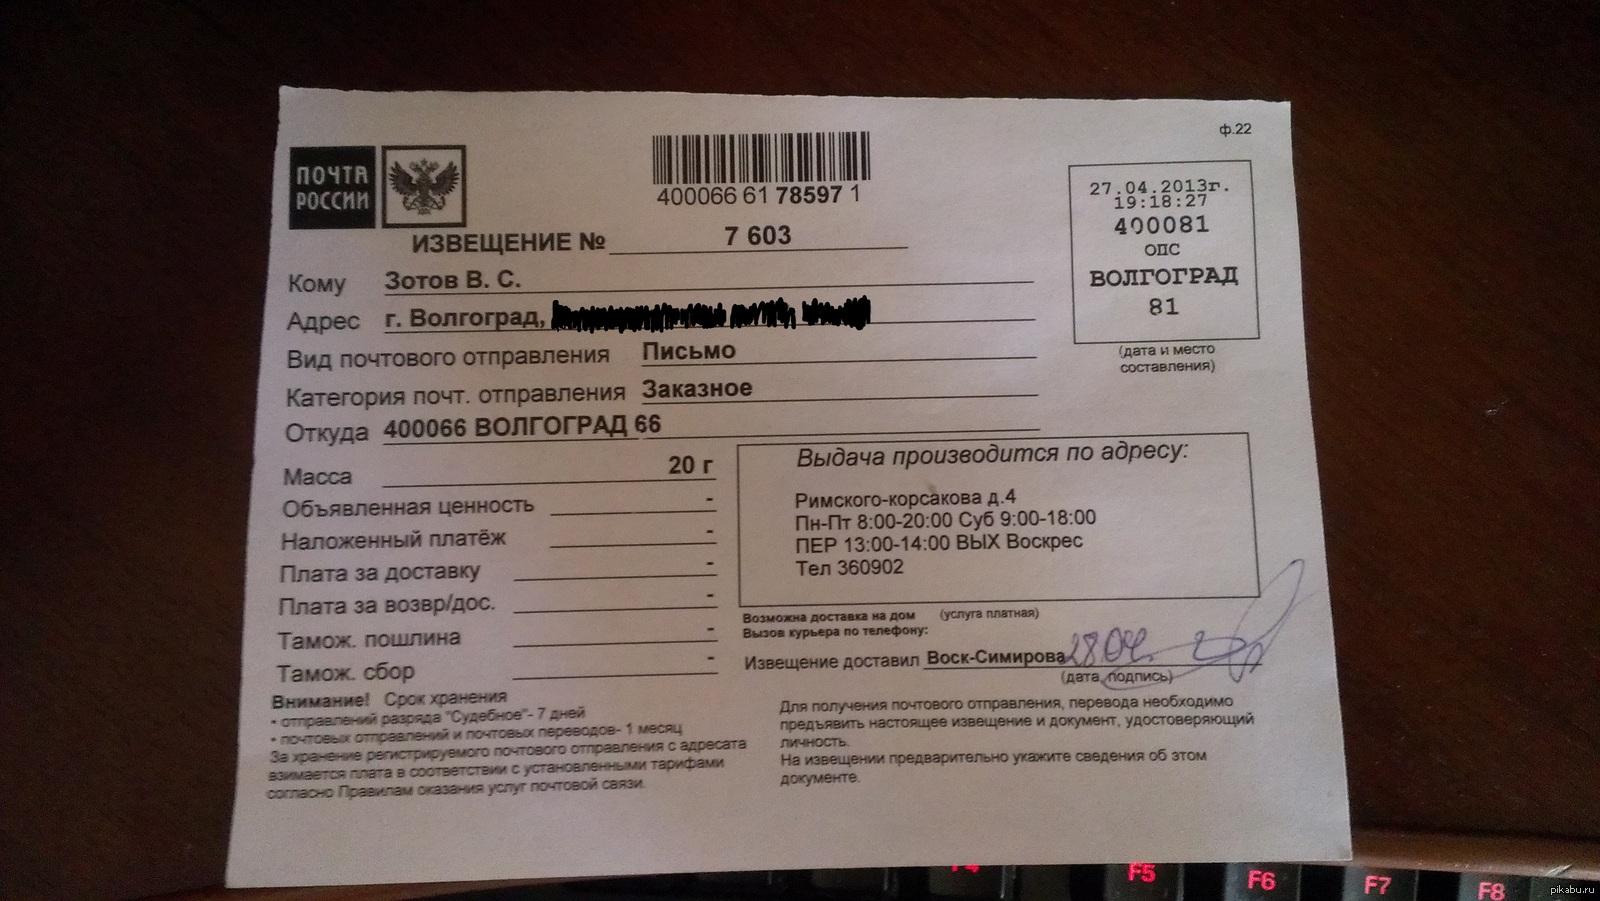 как узнать кто отправил бандероль по почте иметь